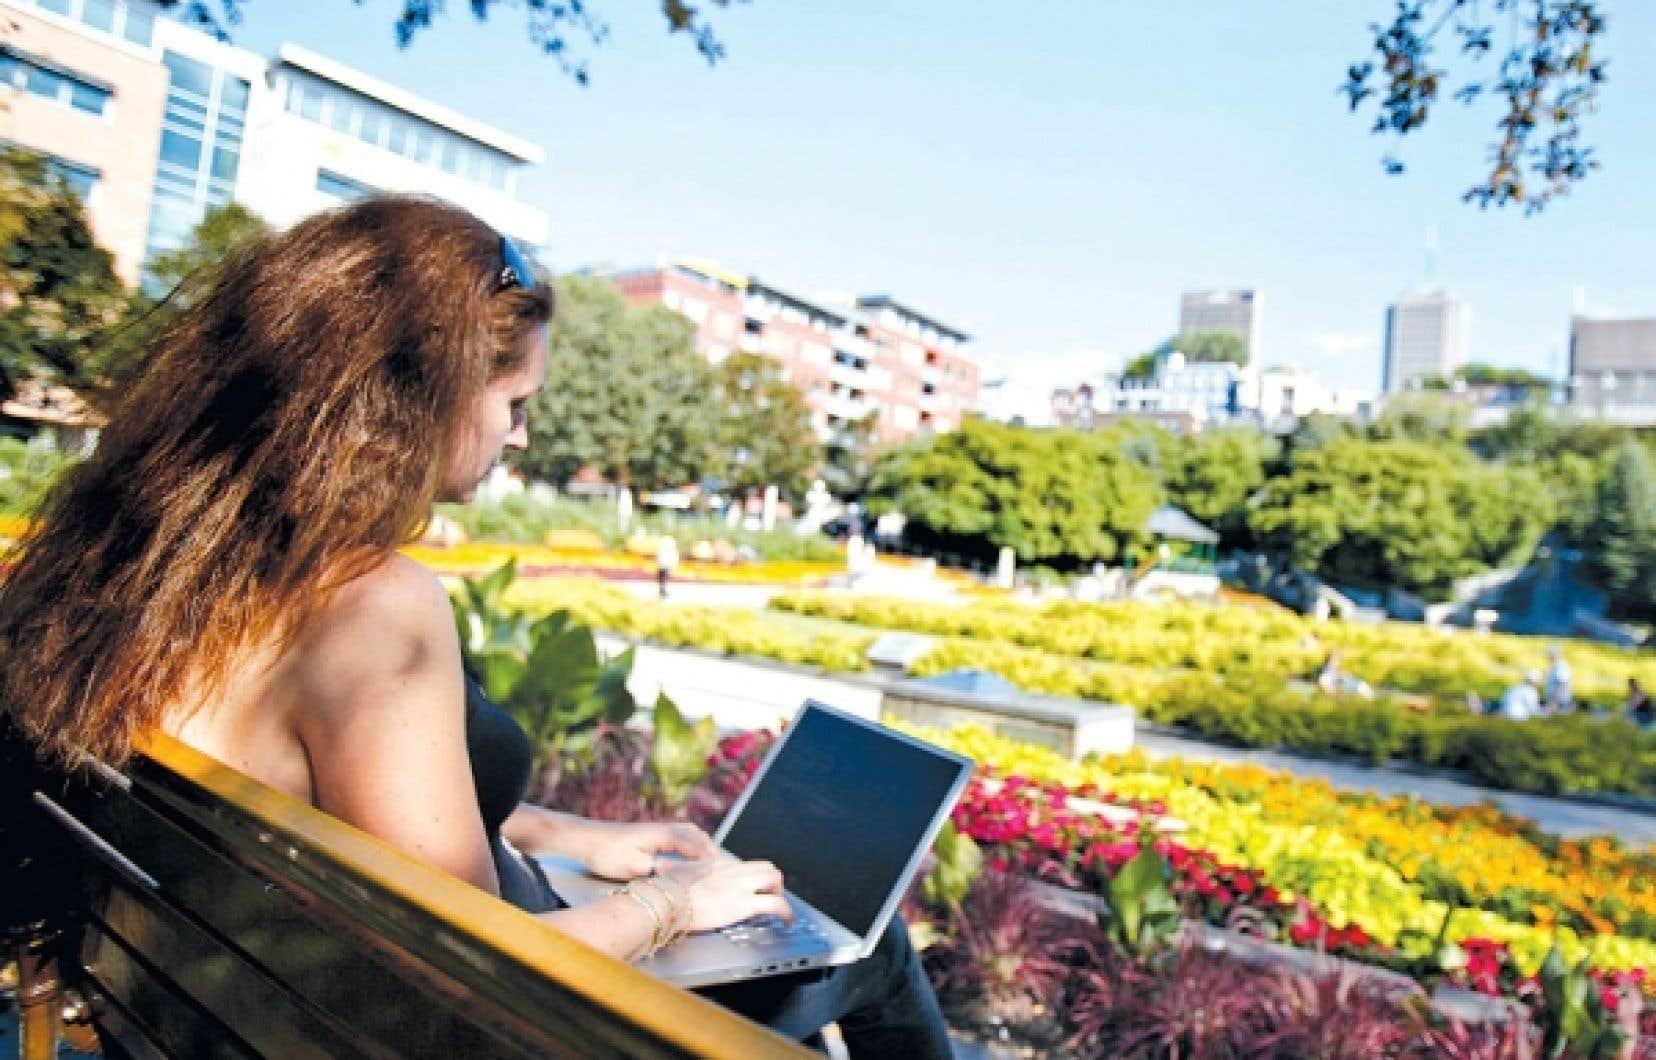 Selon le palmarès Forbes 2010 des villes américaines les mieux équipées en Internet sans-fil, Portland se classe au premier rang avec un ratio d'une borne par 4440 habitants. Or, à Québec, on parle plutôt d'un ratio d'une borne par 1646 personnes. «Quand on arrive dans un lieu, c'est une sécurité de pouvoir garder le contact avec le lieu d'où on part», résume Mario Asselin de l'organisme ZAP Québec, un OBNL qui milite pour le sans-fil gratuit dans la capitale.<br />